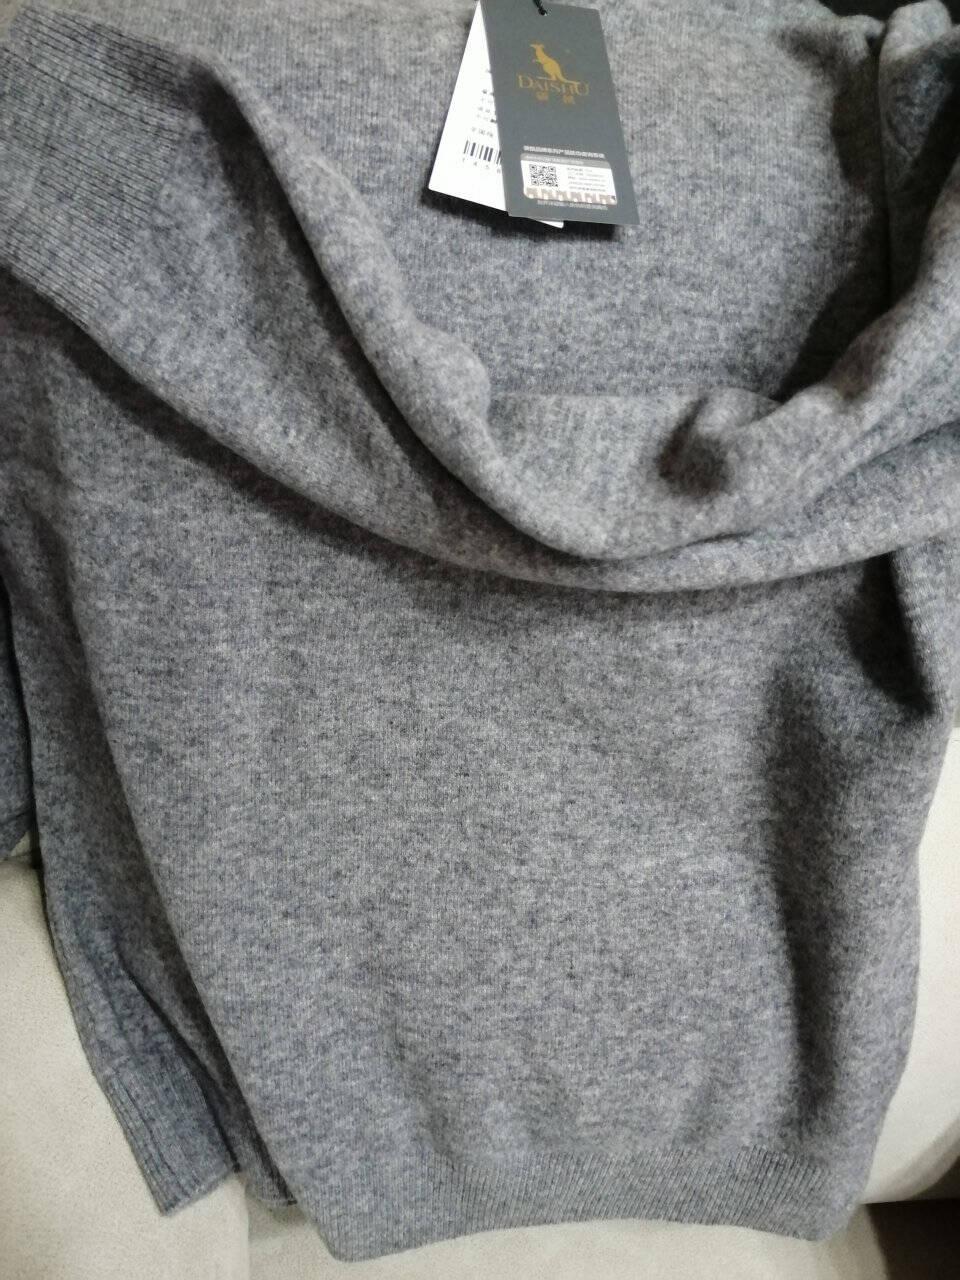 袋鼠纯羊绒衫男加厚2020秋冬新款山羊绒V领男士毛衣中年休闲保暖针织衫纯灰175/XL